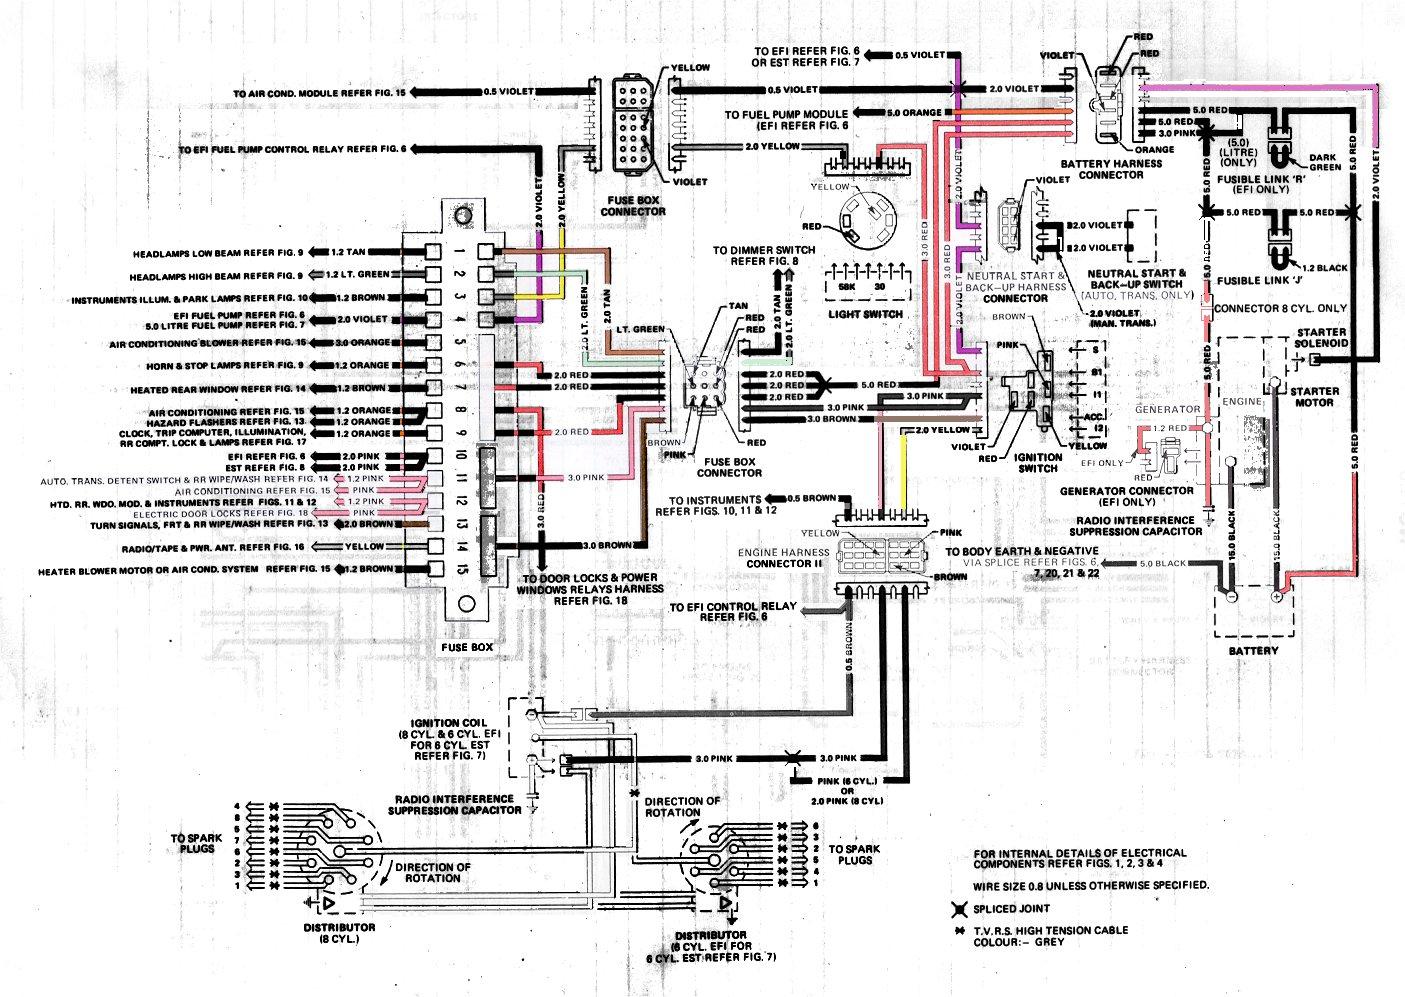 Wk 7420 Holden Vt Modore Radio Wiring Vr Wiring Diagram